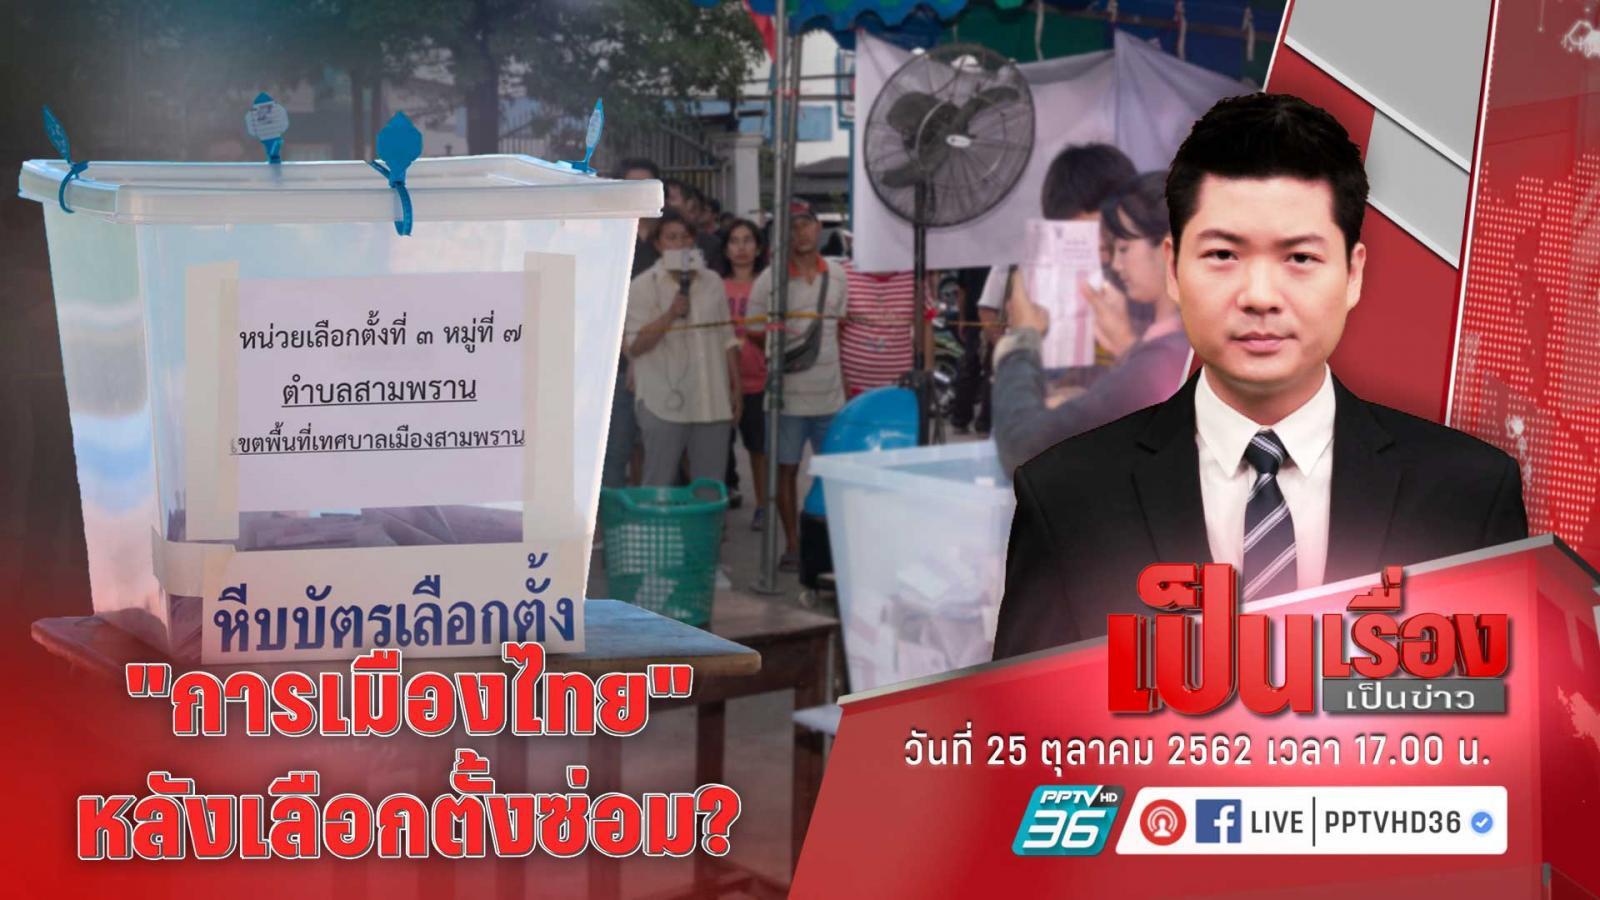 """""""อดีต กกต."""" ชี้ อนาคตใหม่ พ่ายเลือกตั้งซ่อม เพราะบารมีคนในพื้นที่ ยัน การเมืองไทยยังไม่ถึงจุดเปลี่ยน"""